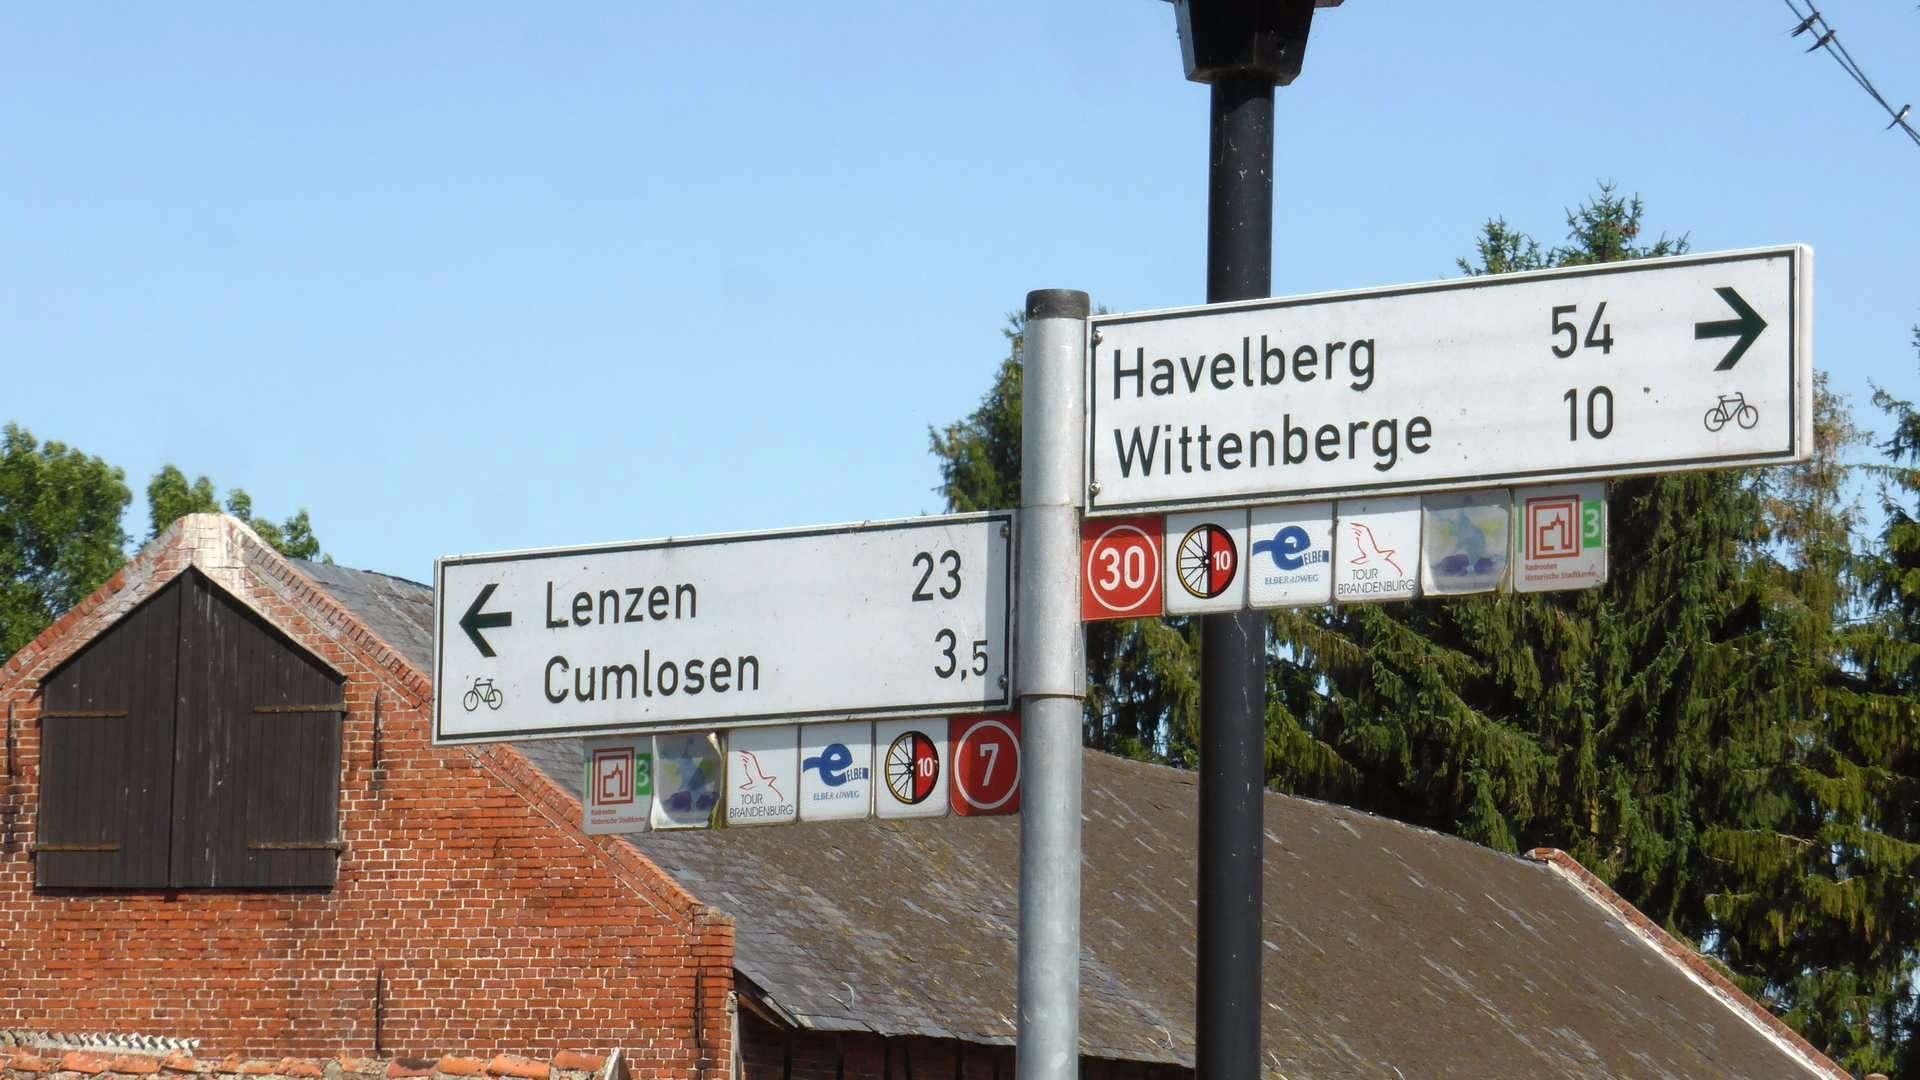 sieciowe oznakowanie szlaków w Niemczech